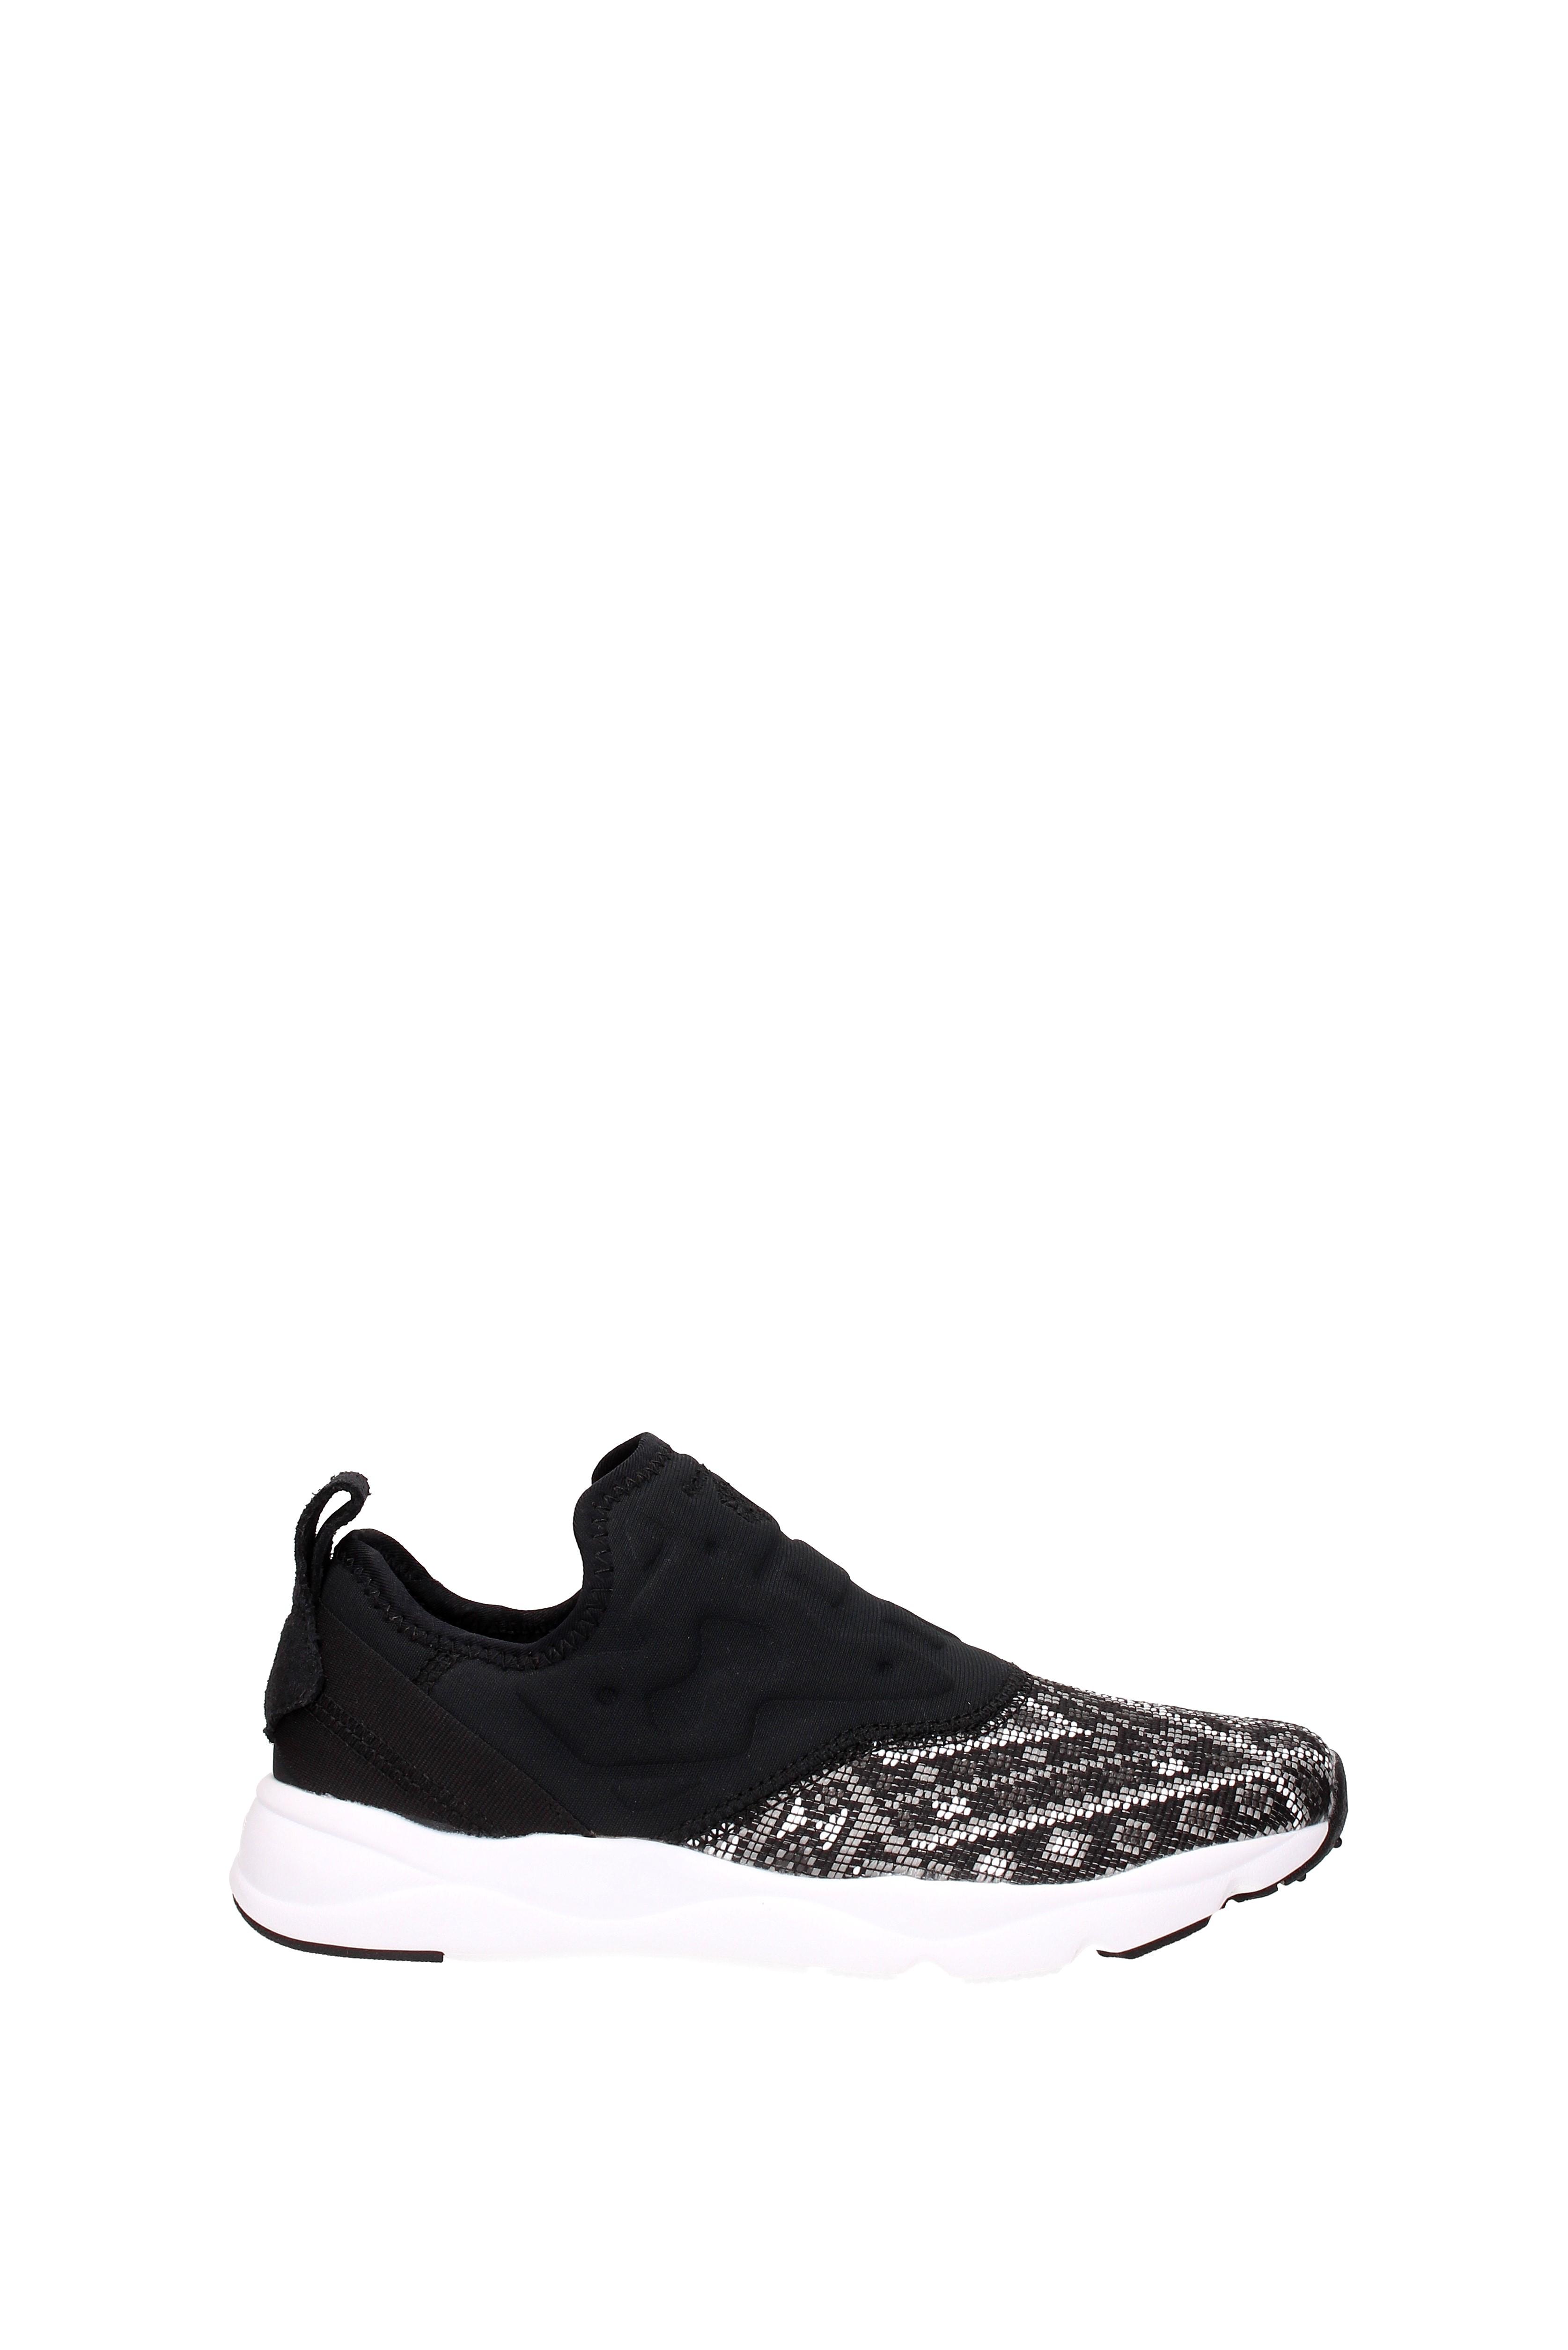 Sneakers Sneakers Sneakers Reebok furylite  Damen - Stoff (BD44) 30f98f